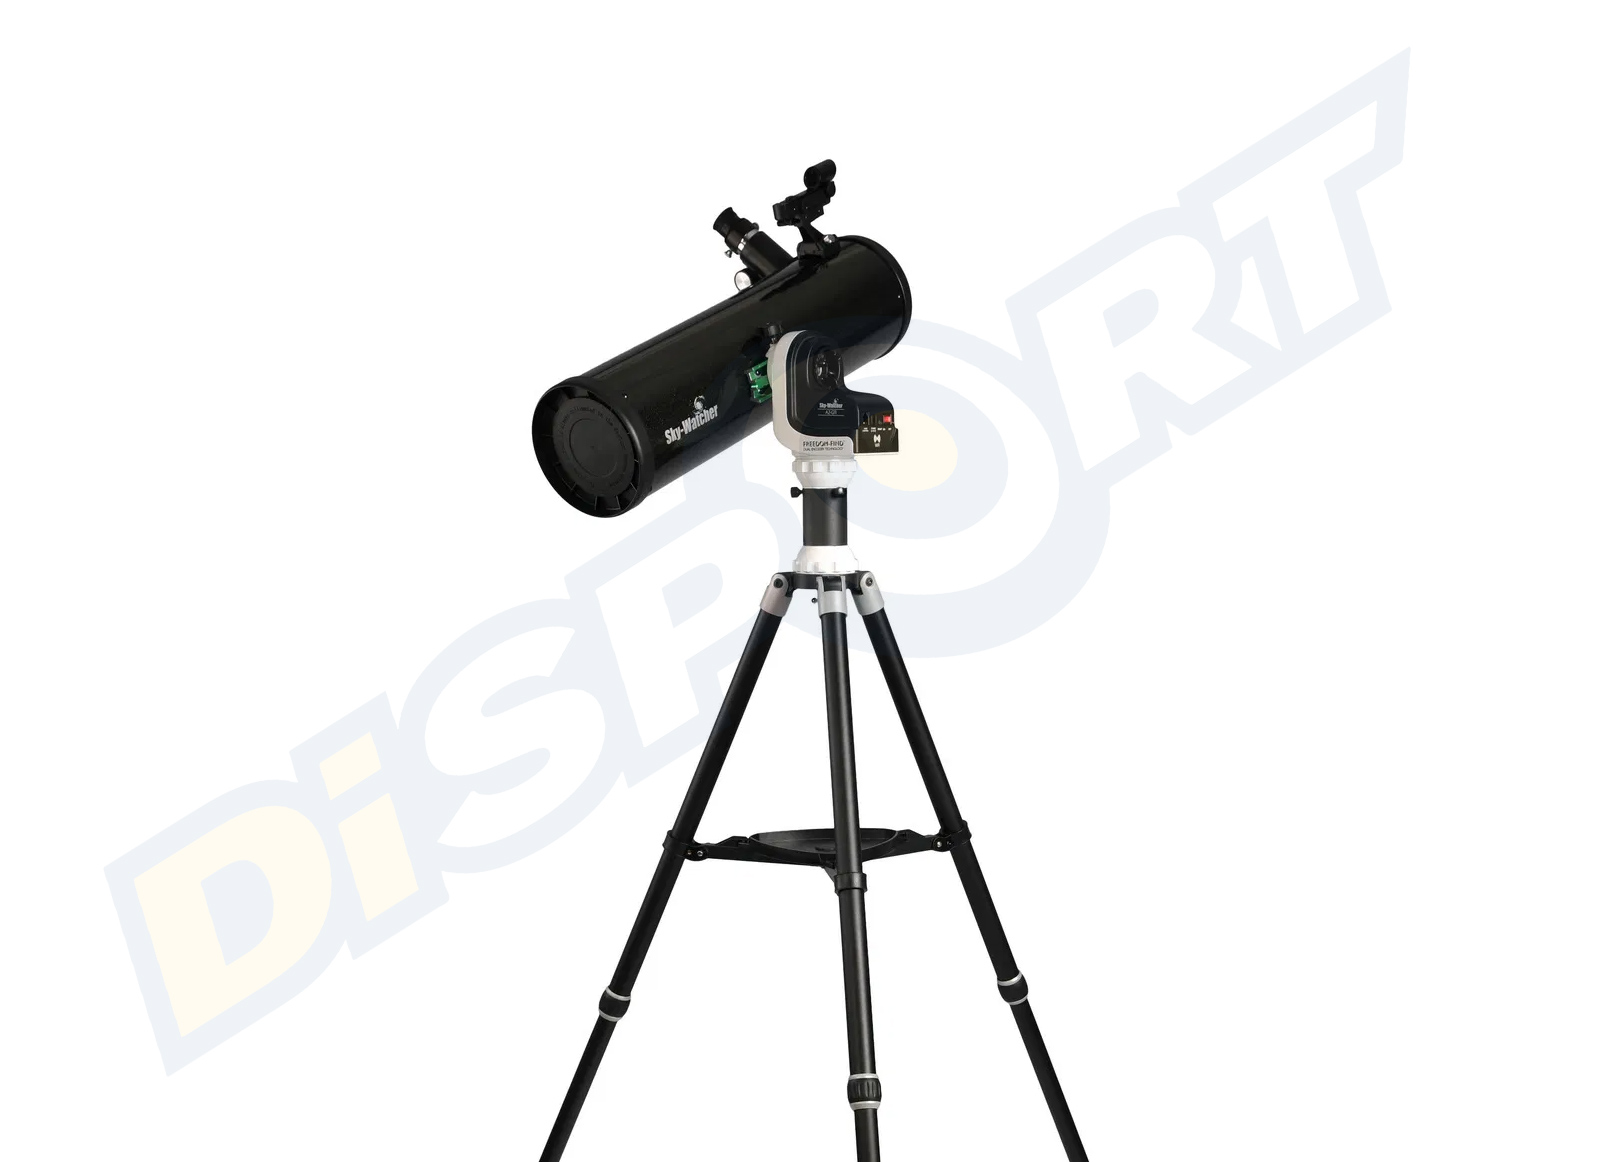 TELESCOPIO NEWTON 130 AXGTi